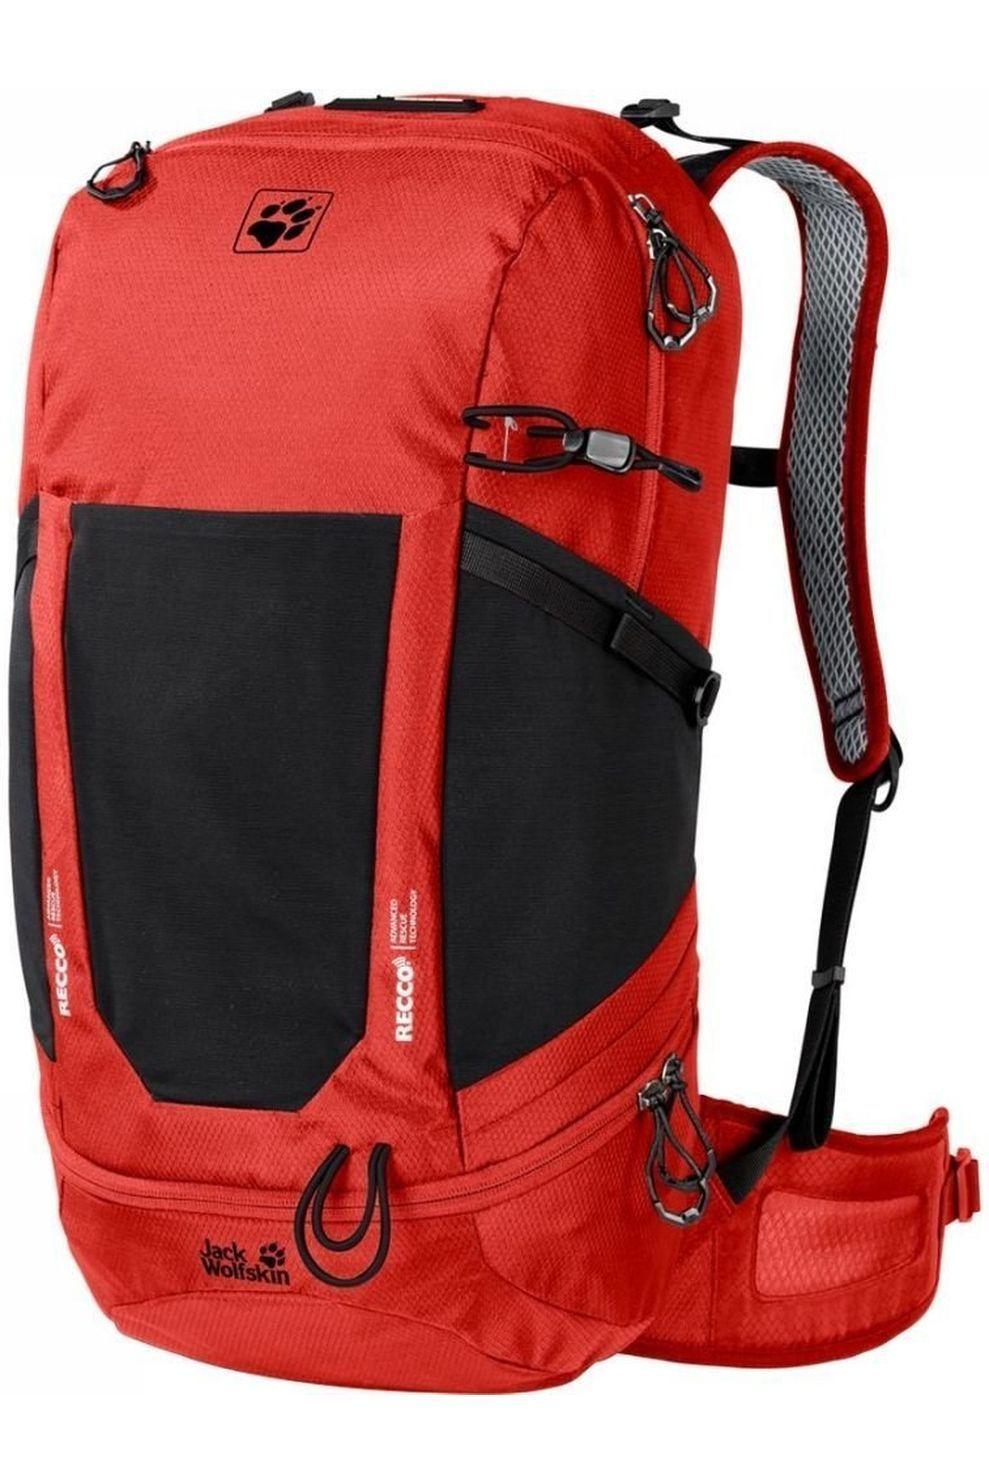 Jack Wolfskin Tourpack Kingston 30 Pack Recco voor heren - Rood/Zwart